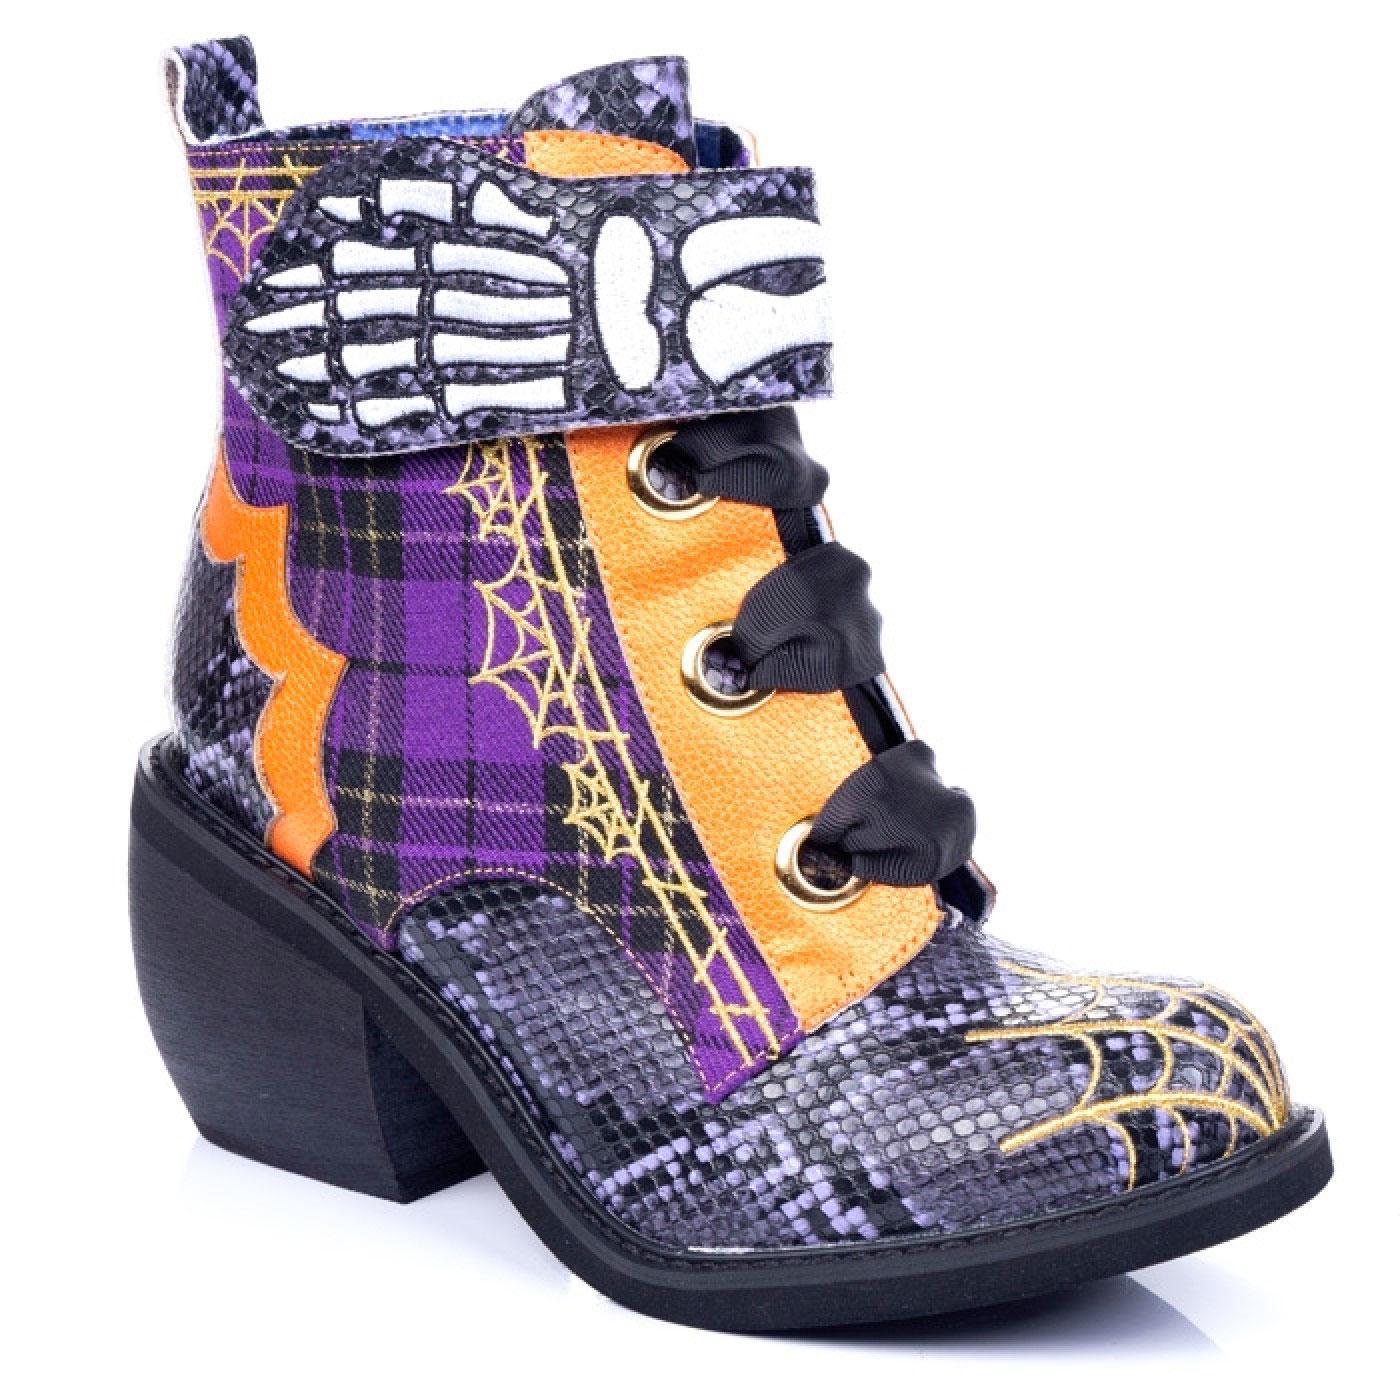 Quick Run IRREGULAR CHOICE Halloween Boots